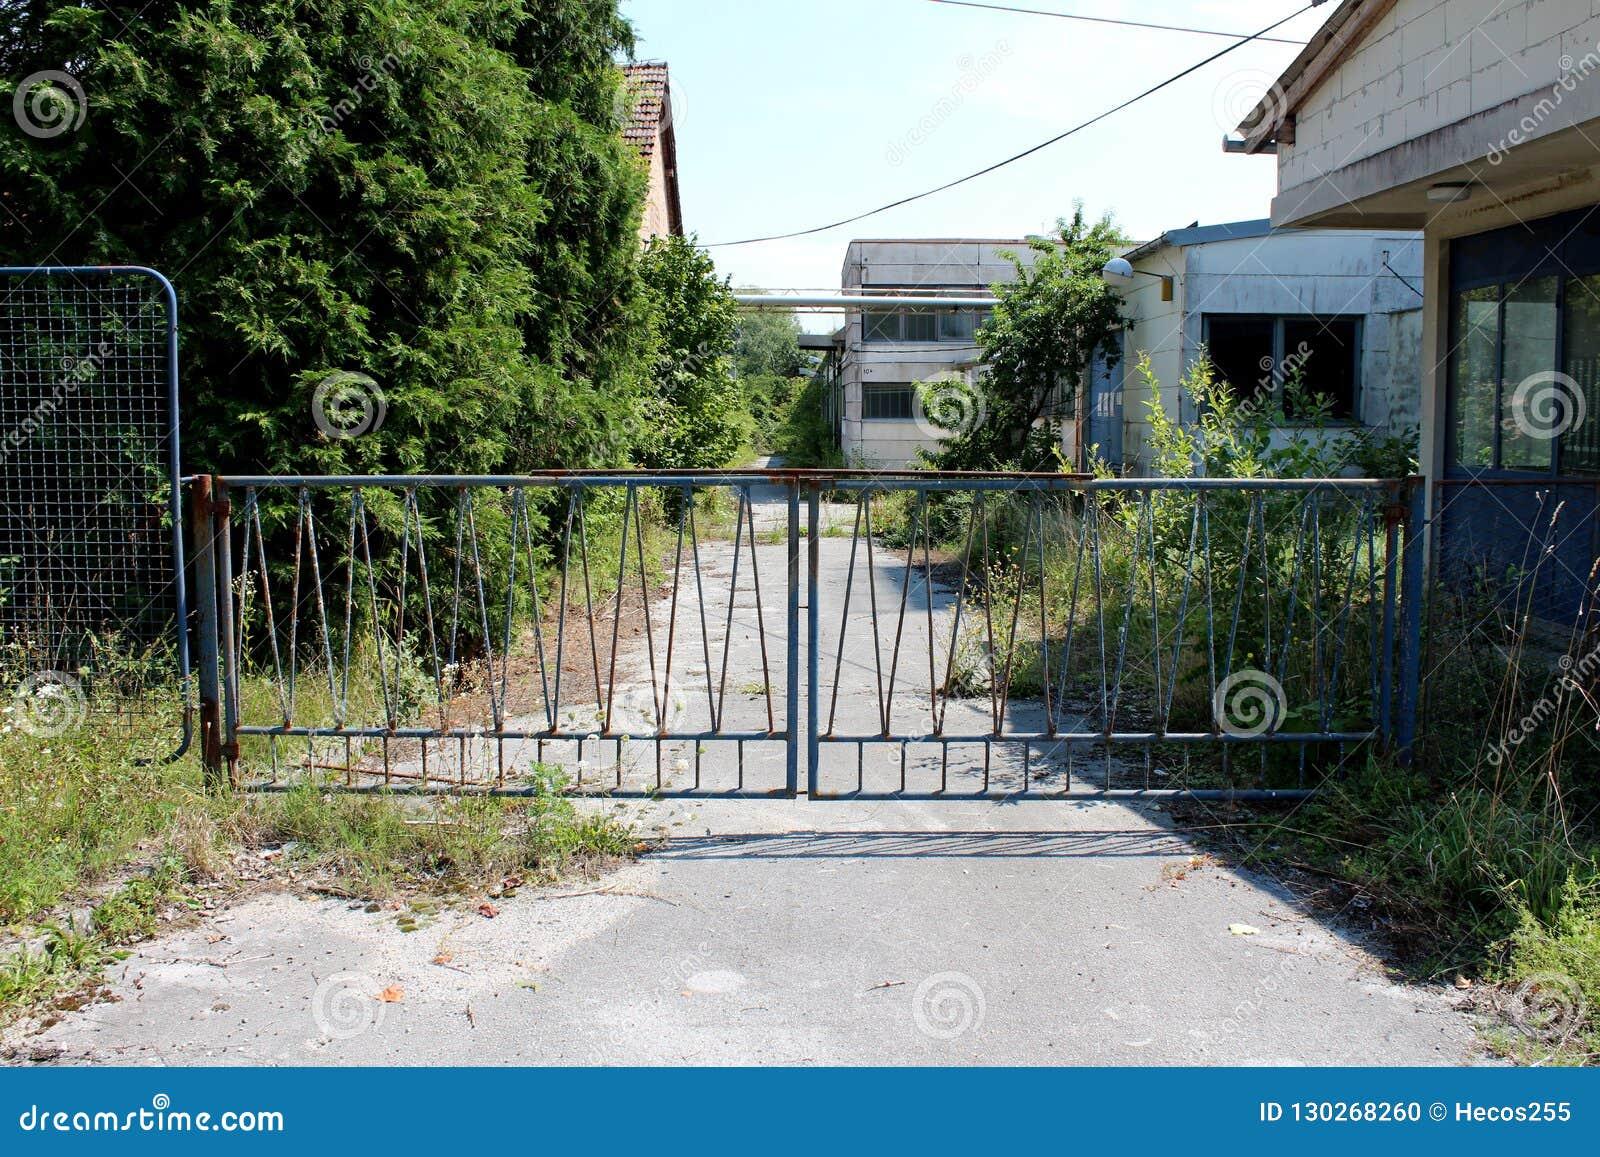 Porte del metallo arrugginite Locked che proteggono entrata alla fabbrica abbandonata con la strada privata completamente invasa